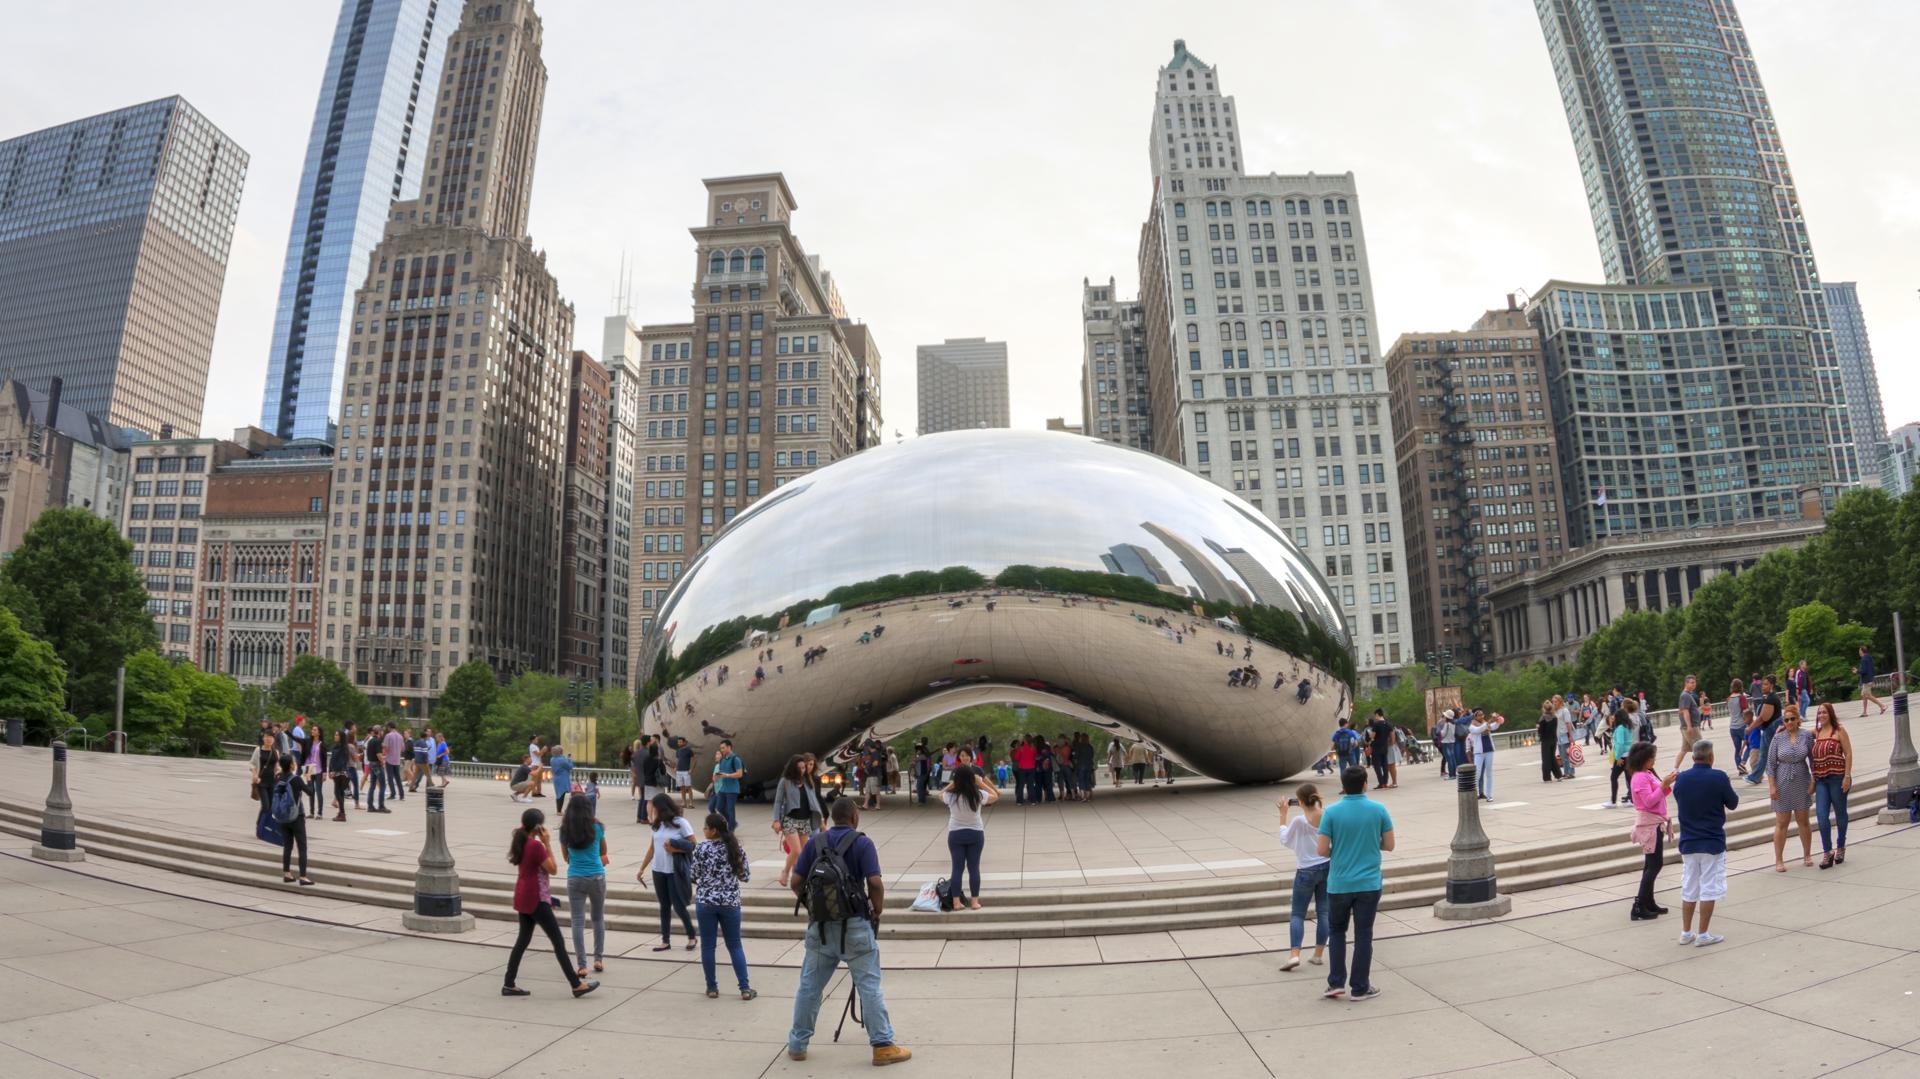 """La escultura """"Cloud Gate"""" en Chicago, Illinois. Creada por el artista Anish Kapoor, esta estructura elíptica se ubica en el Millennium Park y refleja el famoso skyline de la ciudad de los vientos (istock)"""